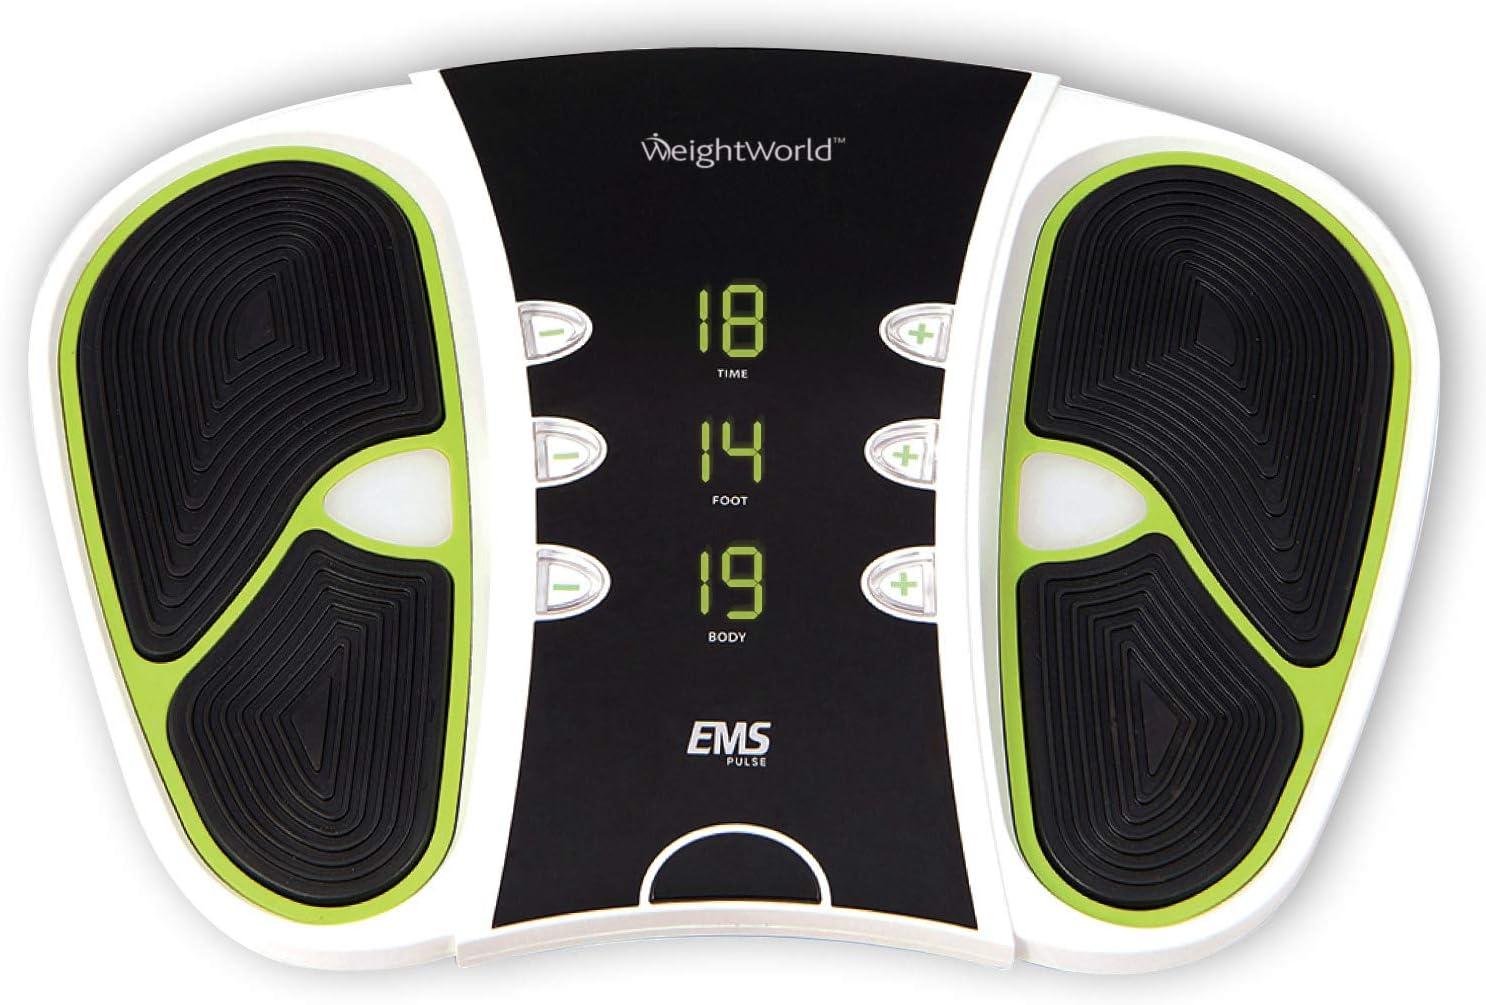 Estimulador Circulatorio Eléctrico - Mejora Circulación Piernas, Masajeador Impulsos Eléctricos, Alivia El Dolor, Electroestimulador Muscular Piernas y Cuerpo, Control Remoto 99 niveles intensidad